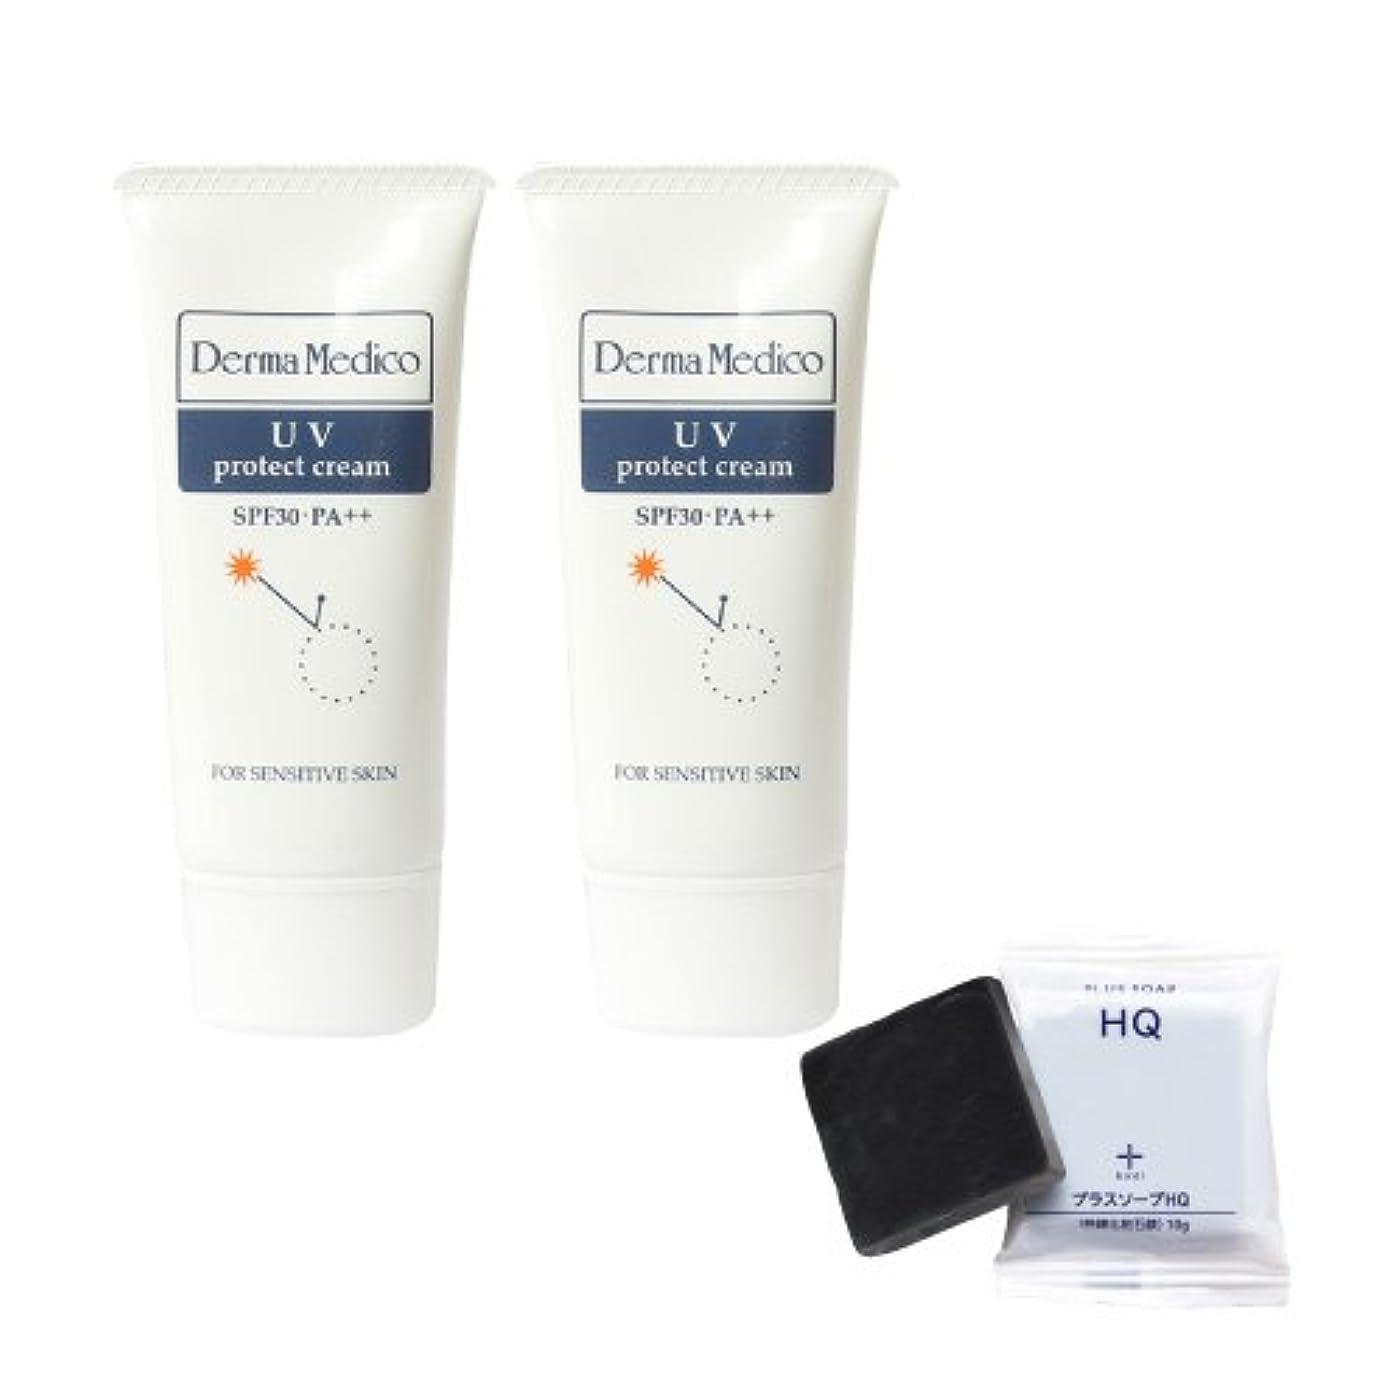 分析的哲学充電ダーマメディコ UVプロテクトクリーム (2本+ミニソープセット)